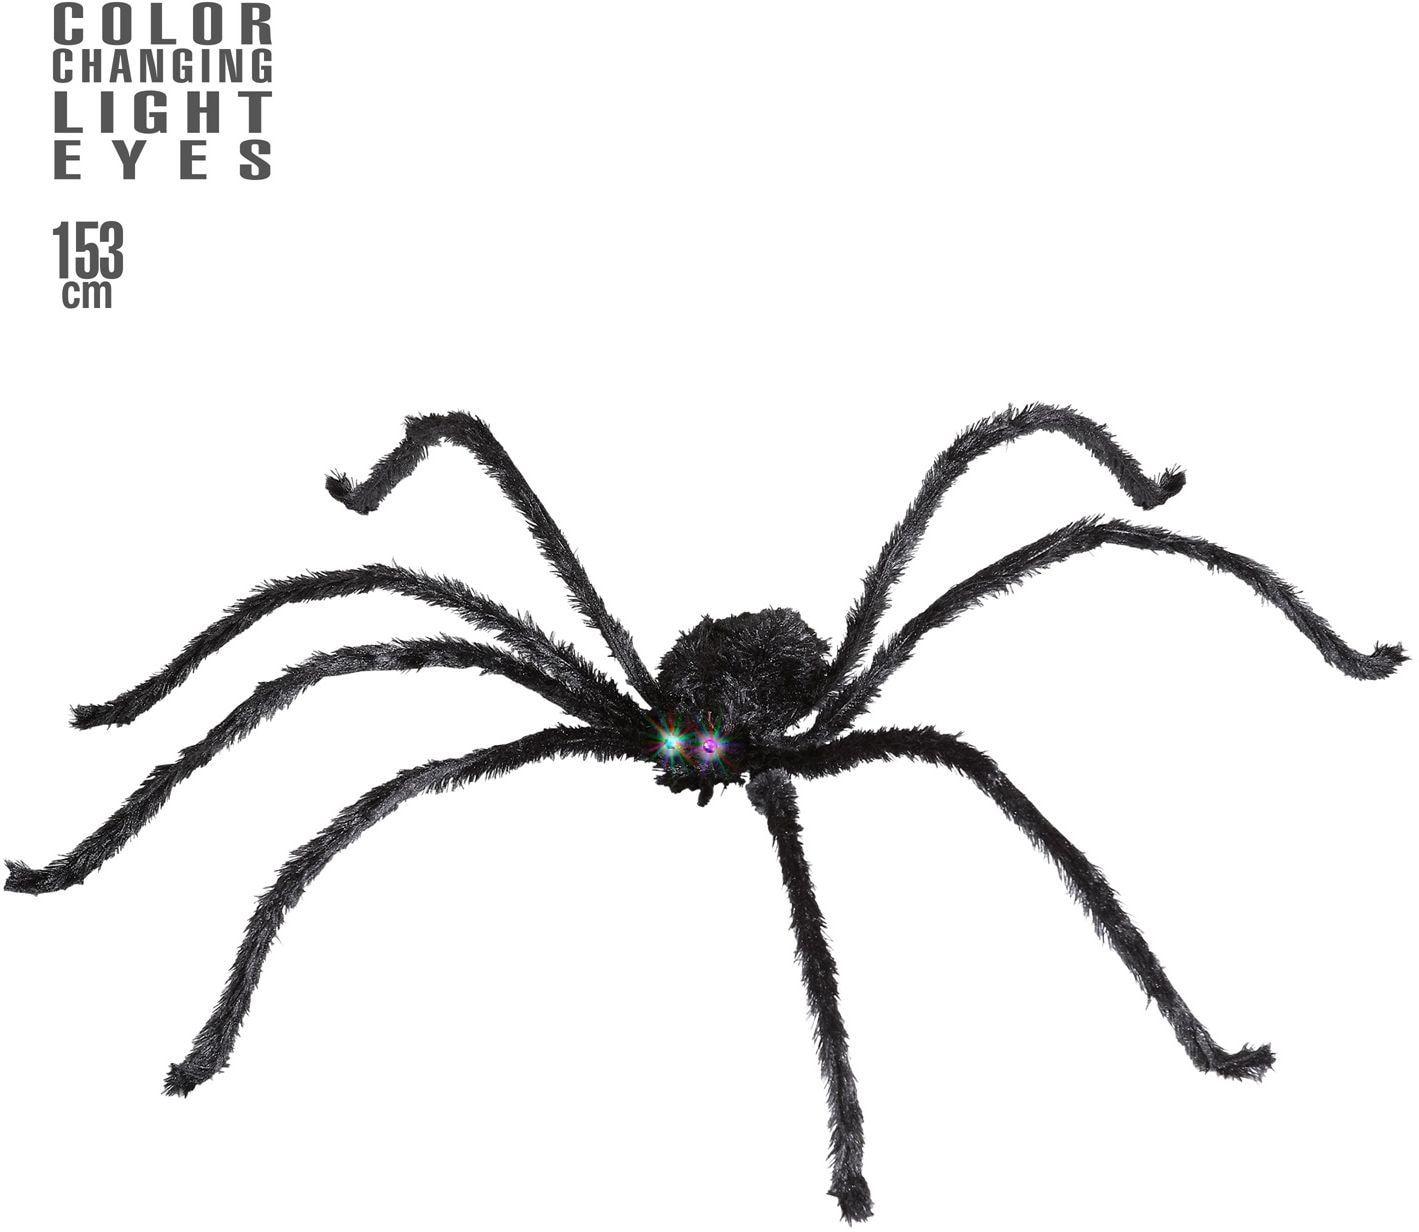 Spin met lichtgevende en van kleur veranderende ogen